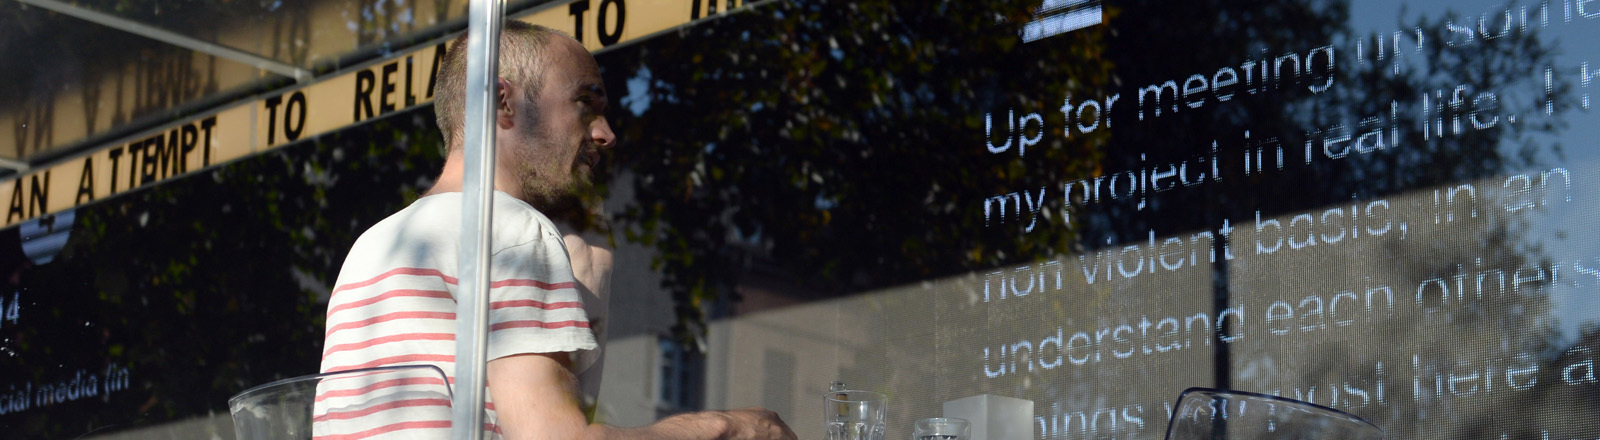 """Künster Dries Verhoeven bei seiner Aktion """"Wanna Play""""in einem Glascontainer auf dem Heinrichplatz in Berlin"""